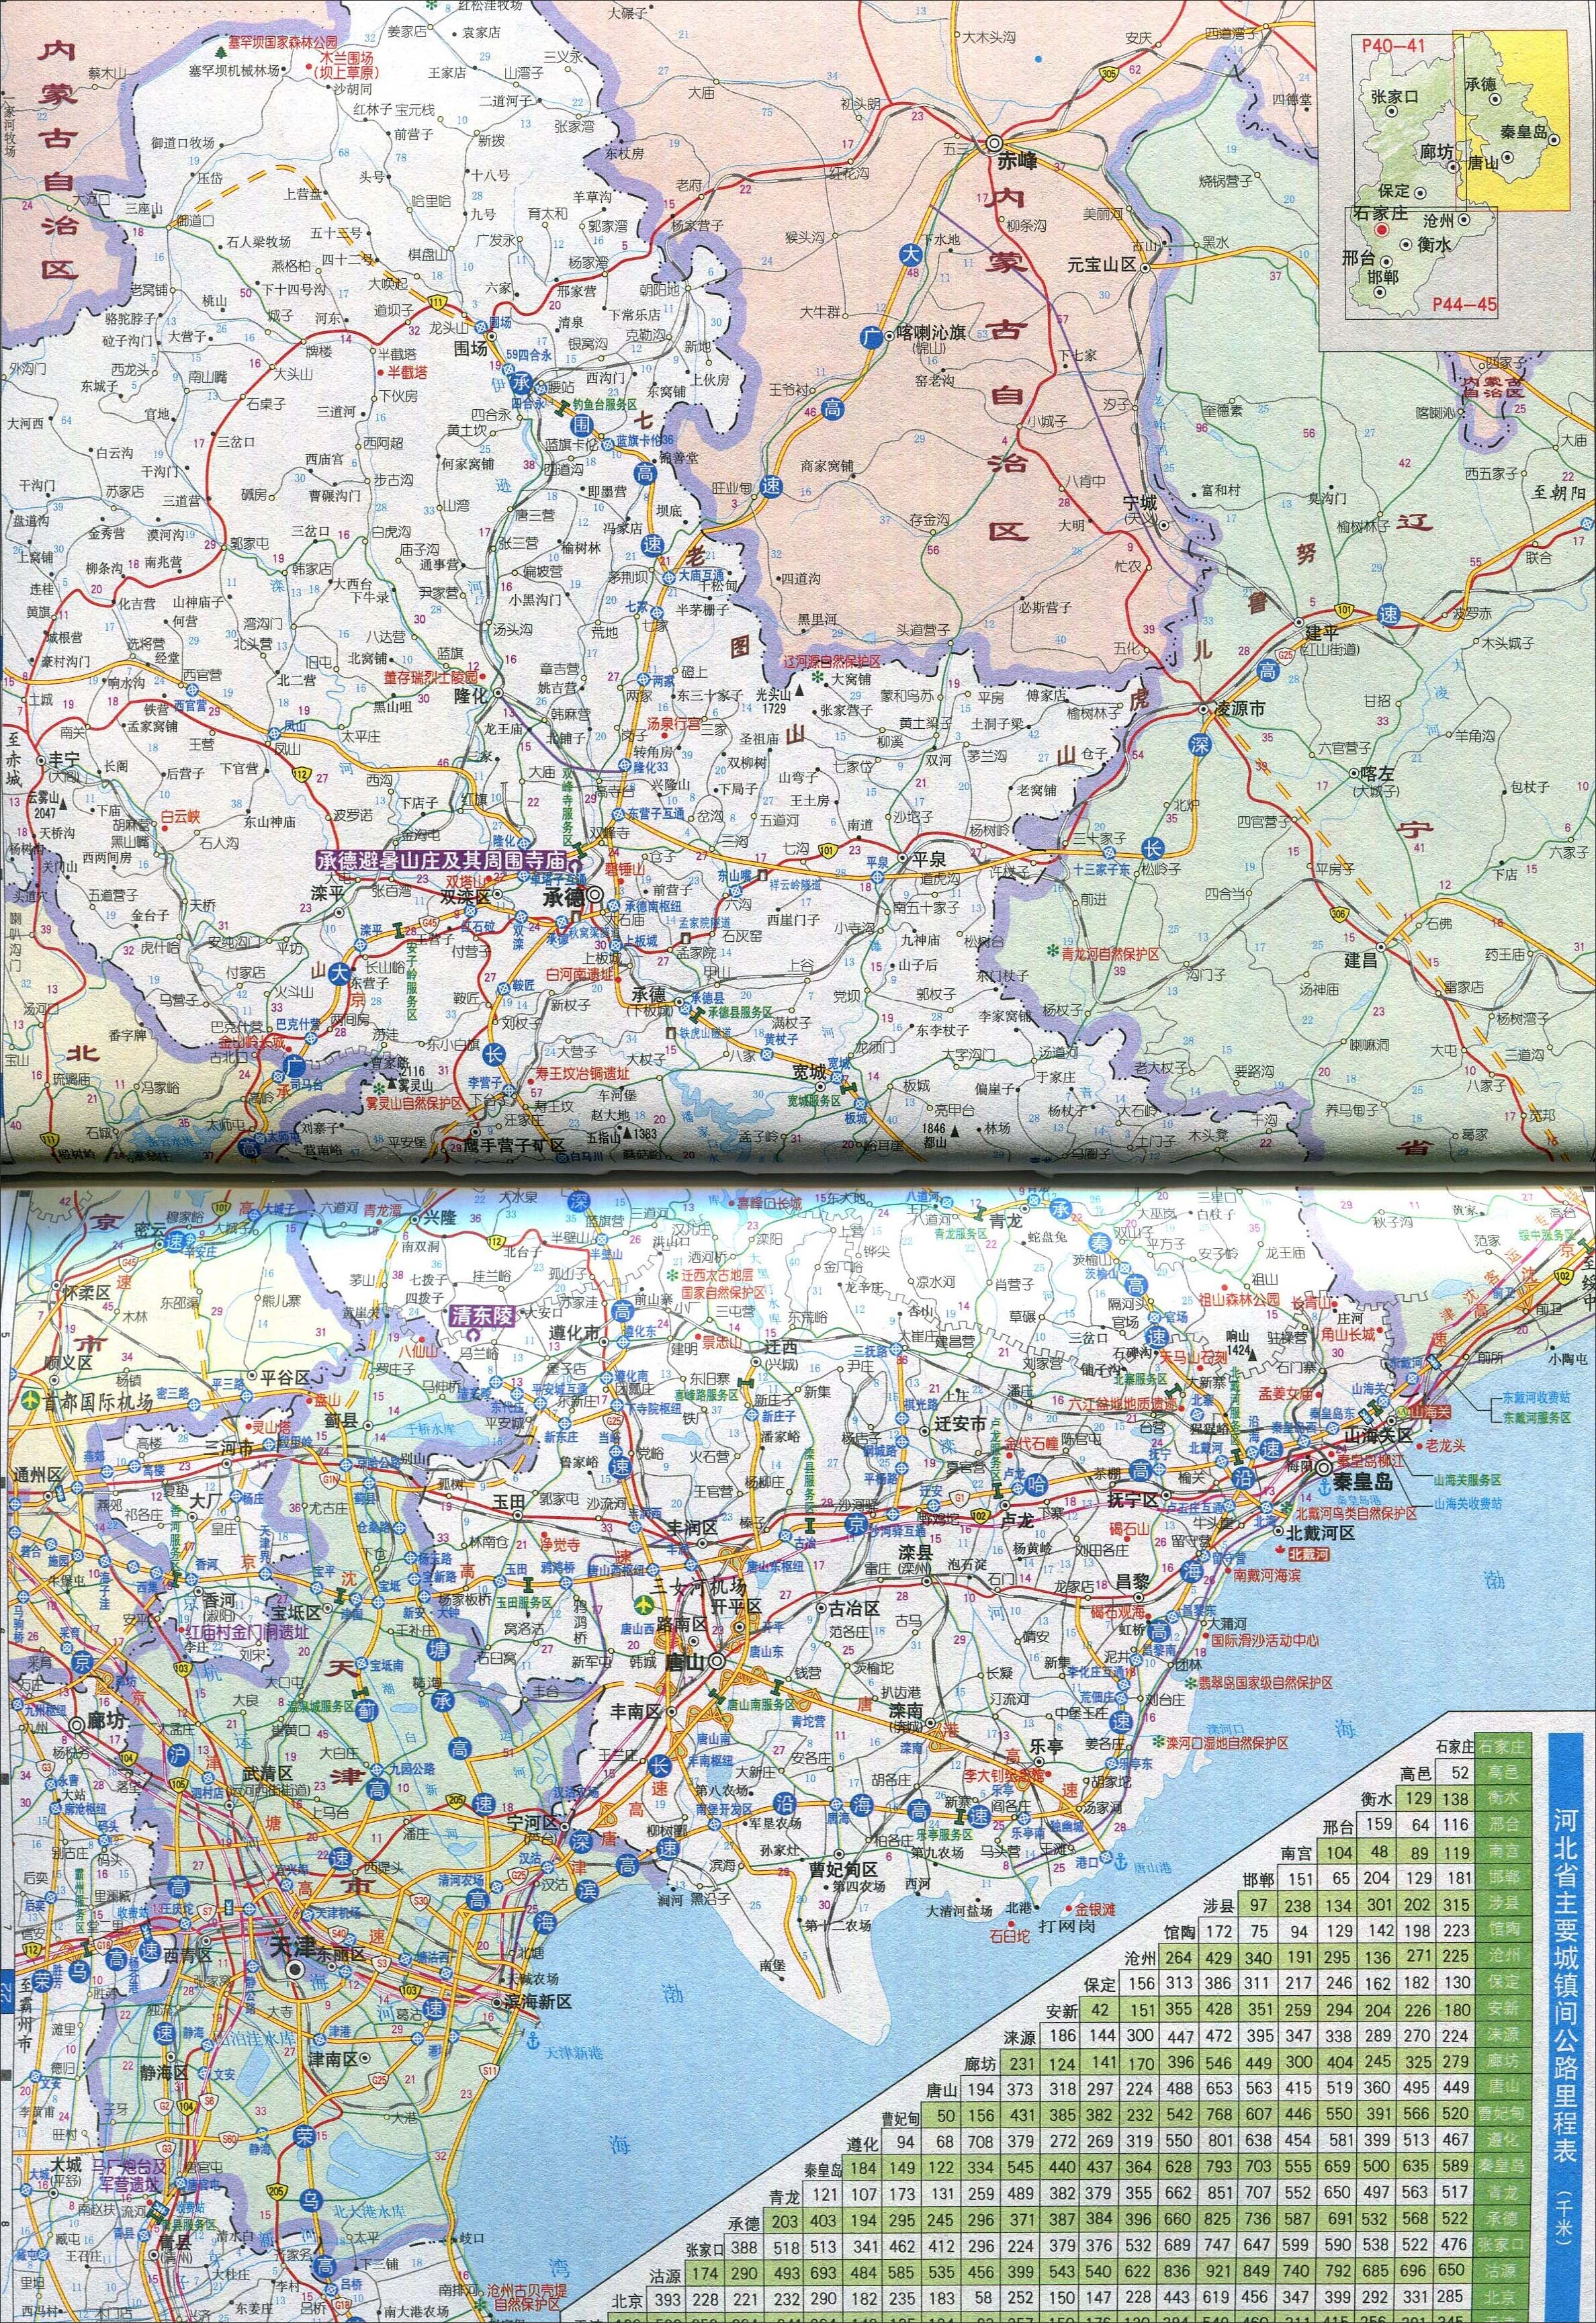 北京至北戴河旅游_河北省东北部旅游交通地图_河北旅游地图库_地图窝